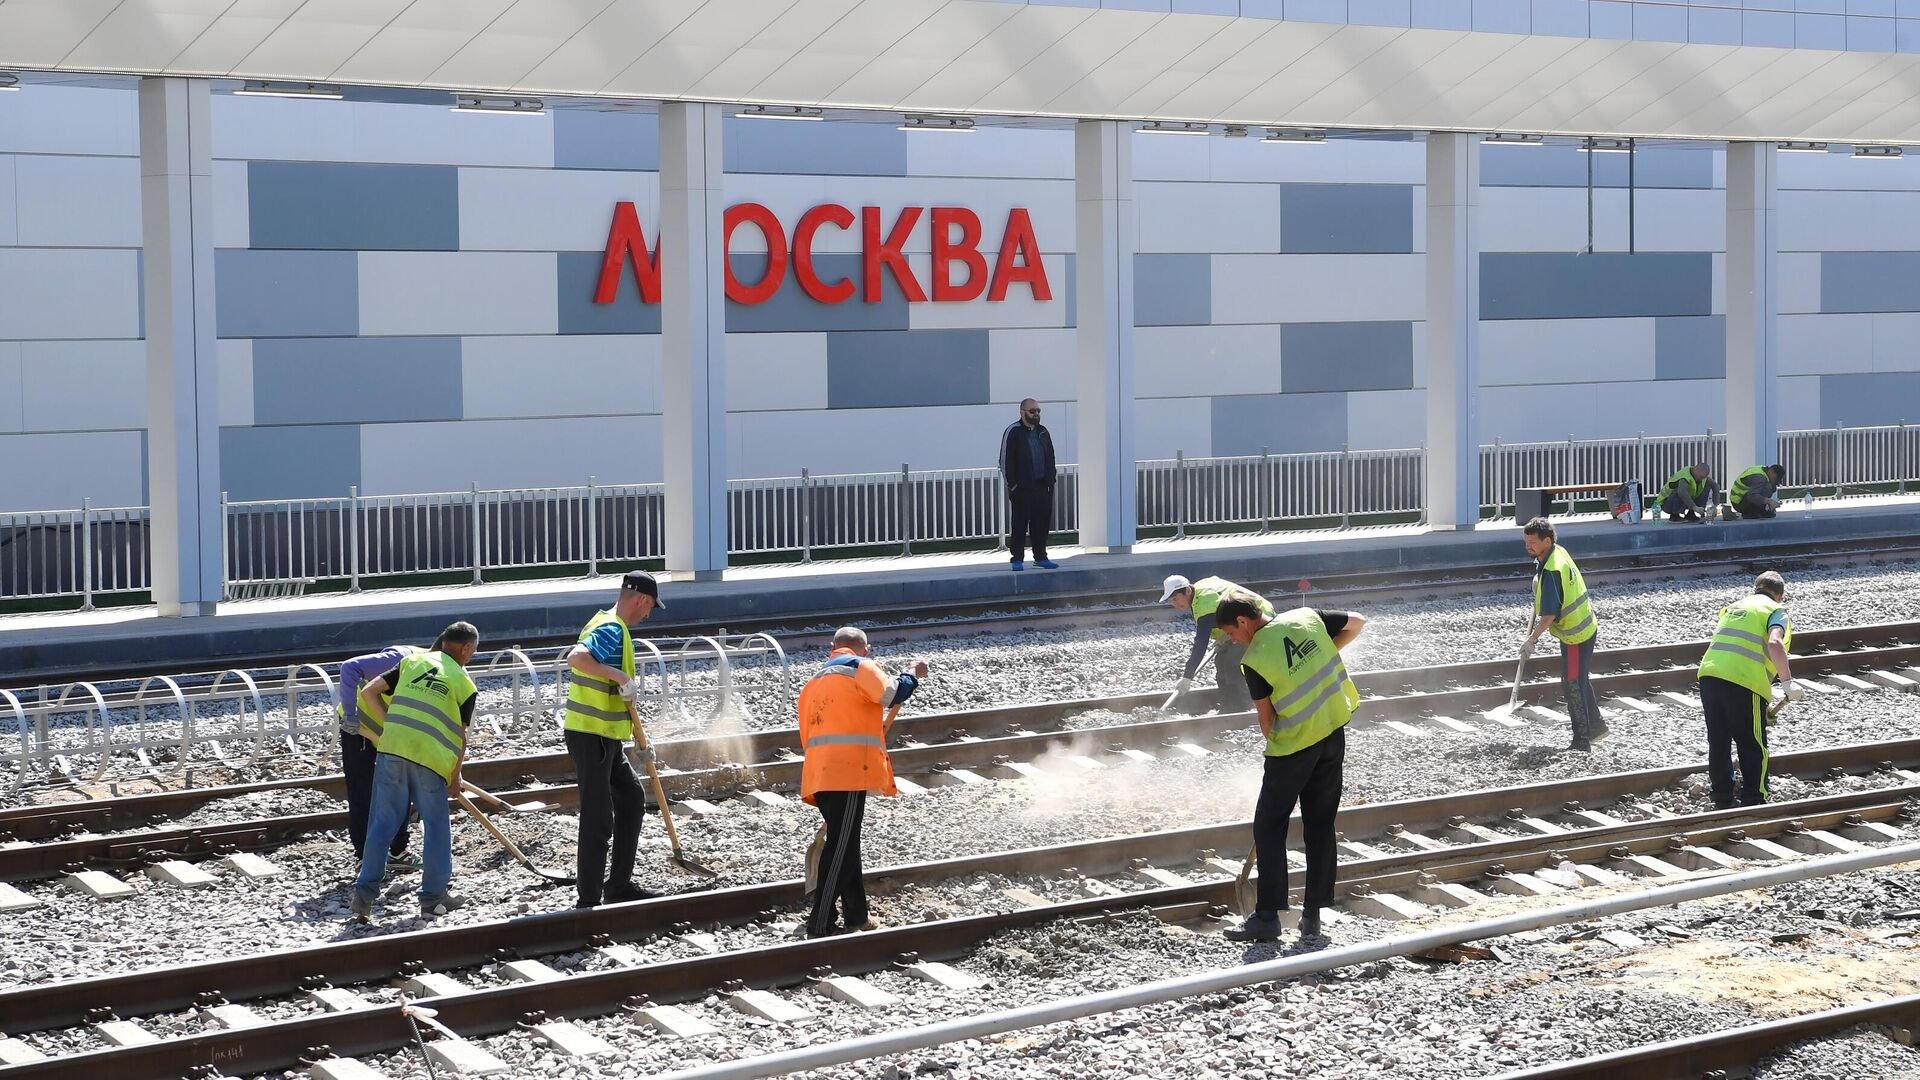 Рабочие на строительной площадке нового вокзального комплекса Восточный в Москве - РИА Новости, 1920, 28.05.2021